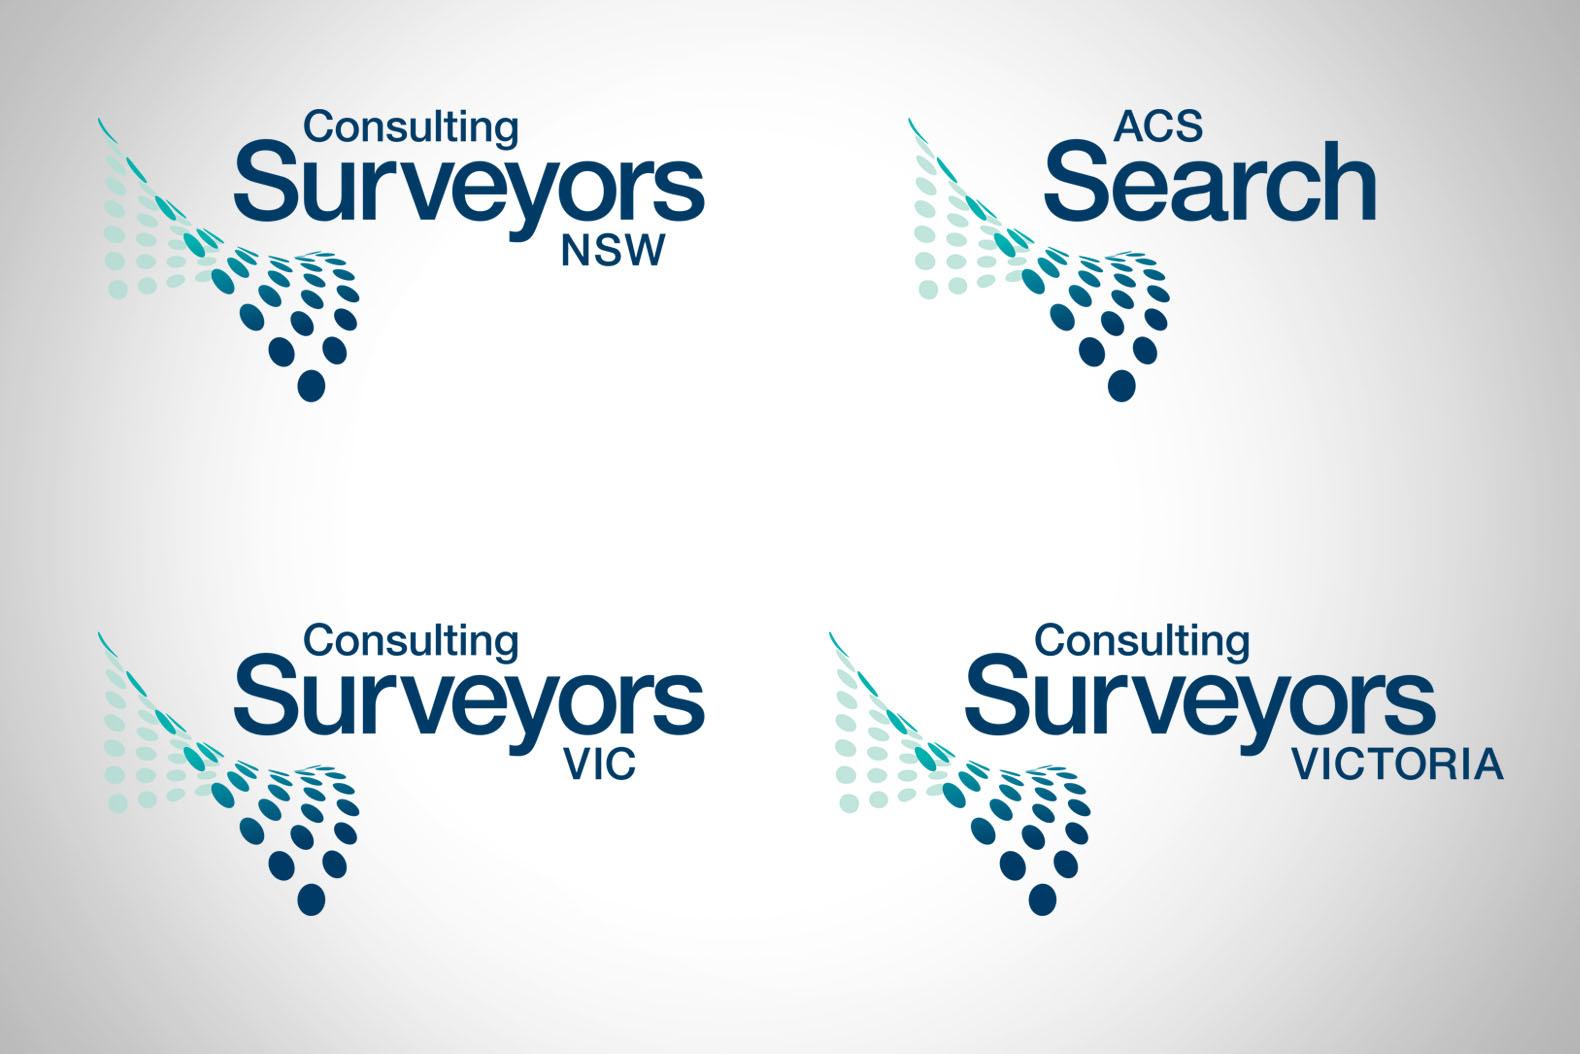 consultingsurveyors